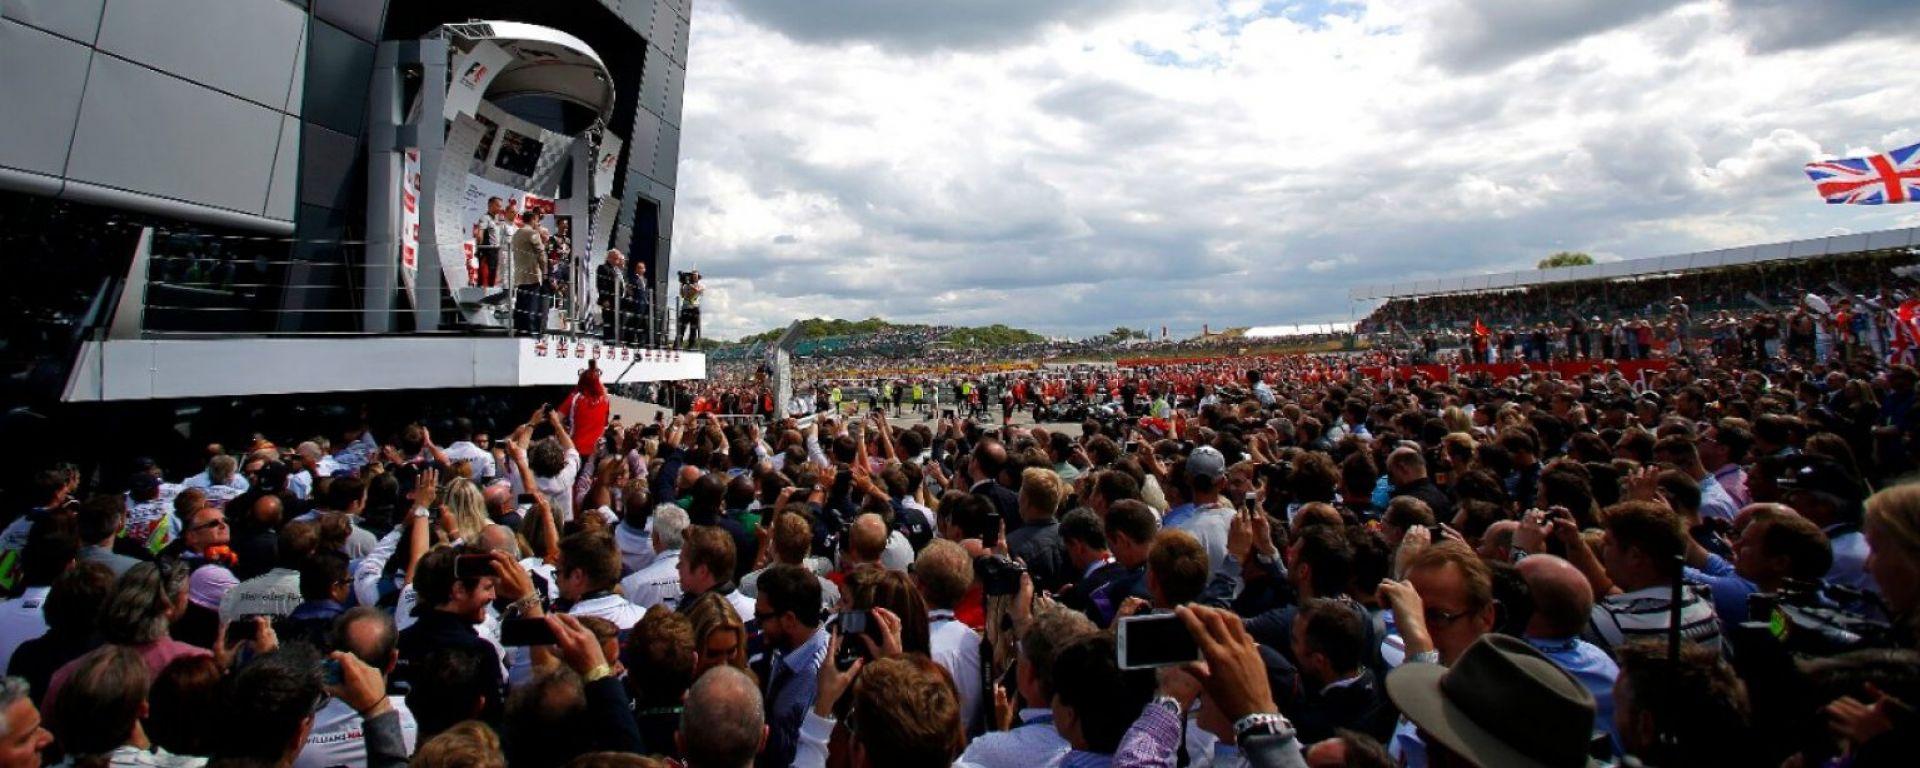 Il podio del Circuito di Silverstone - GP Inghilterra